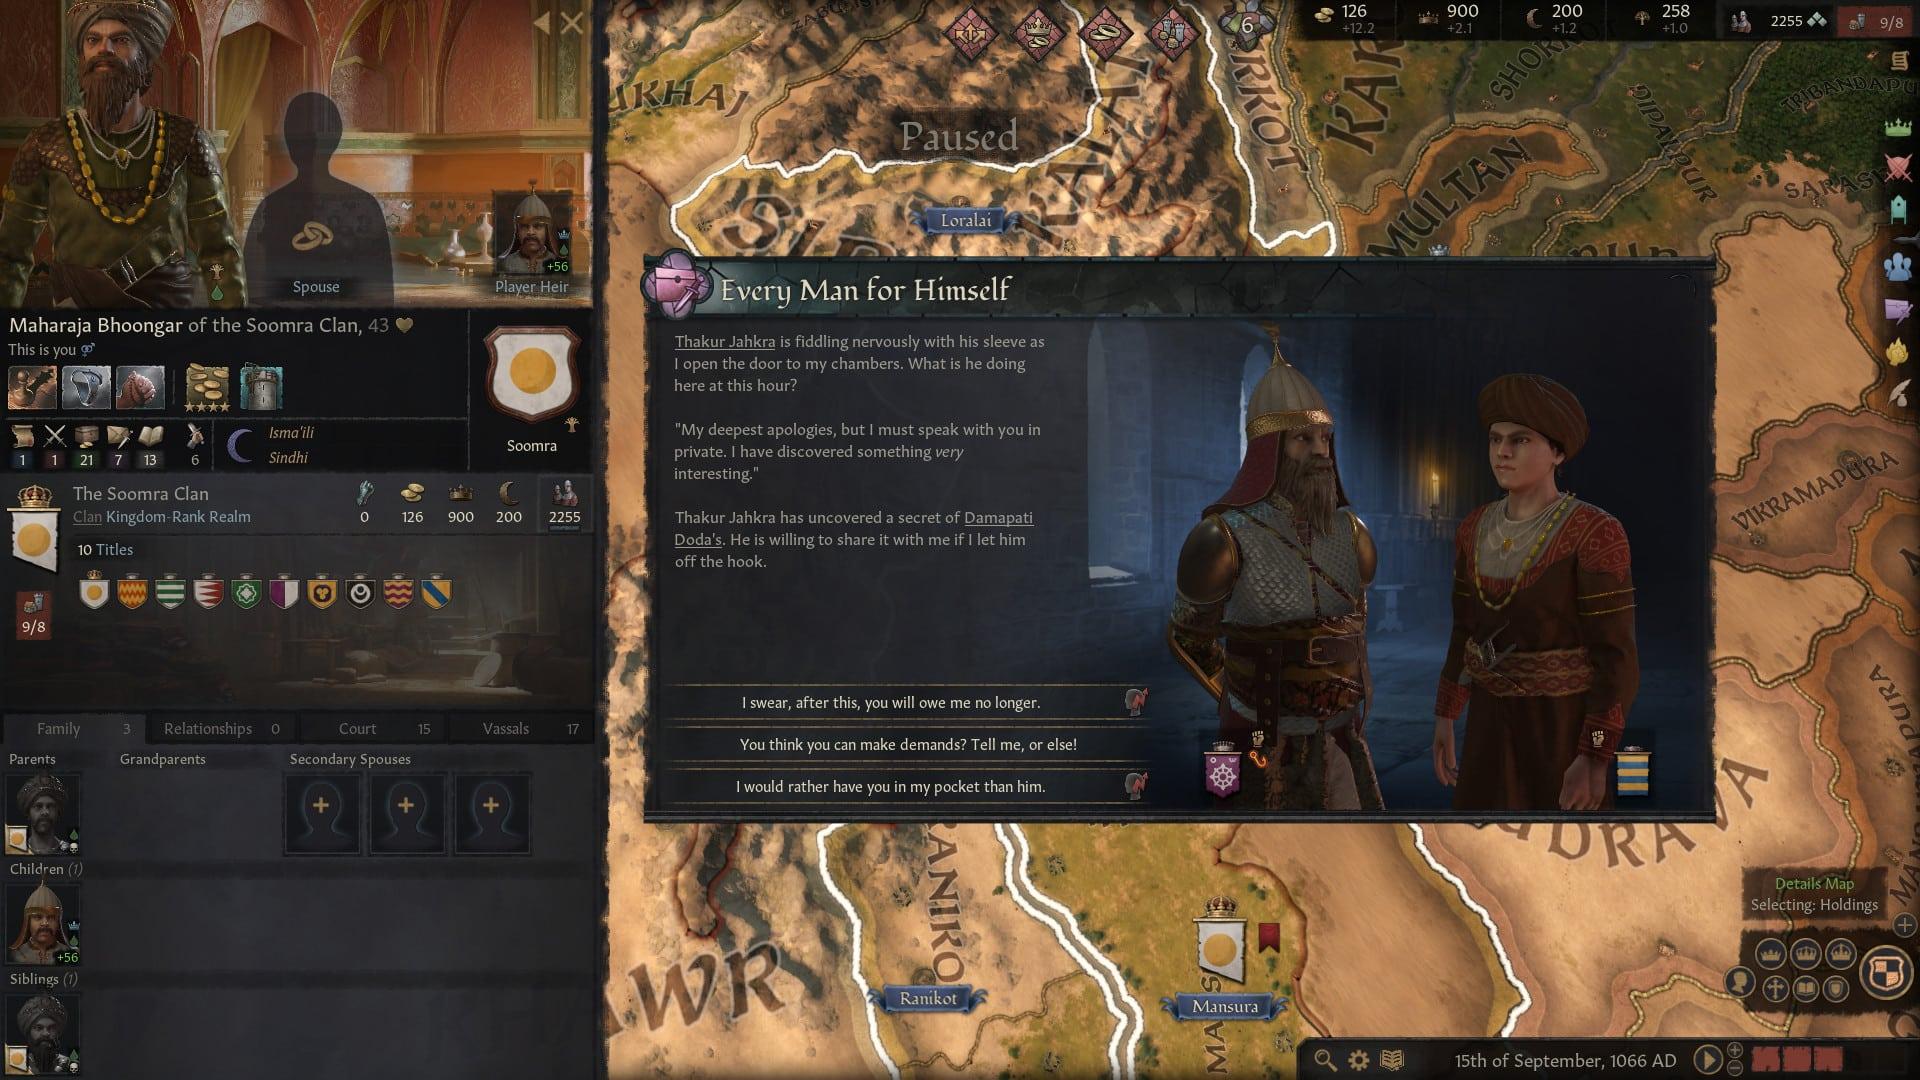 Crusader Kings III complexity Paradox Interactive Crusader Kings 3 gameplay operationalization